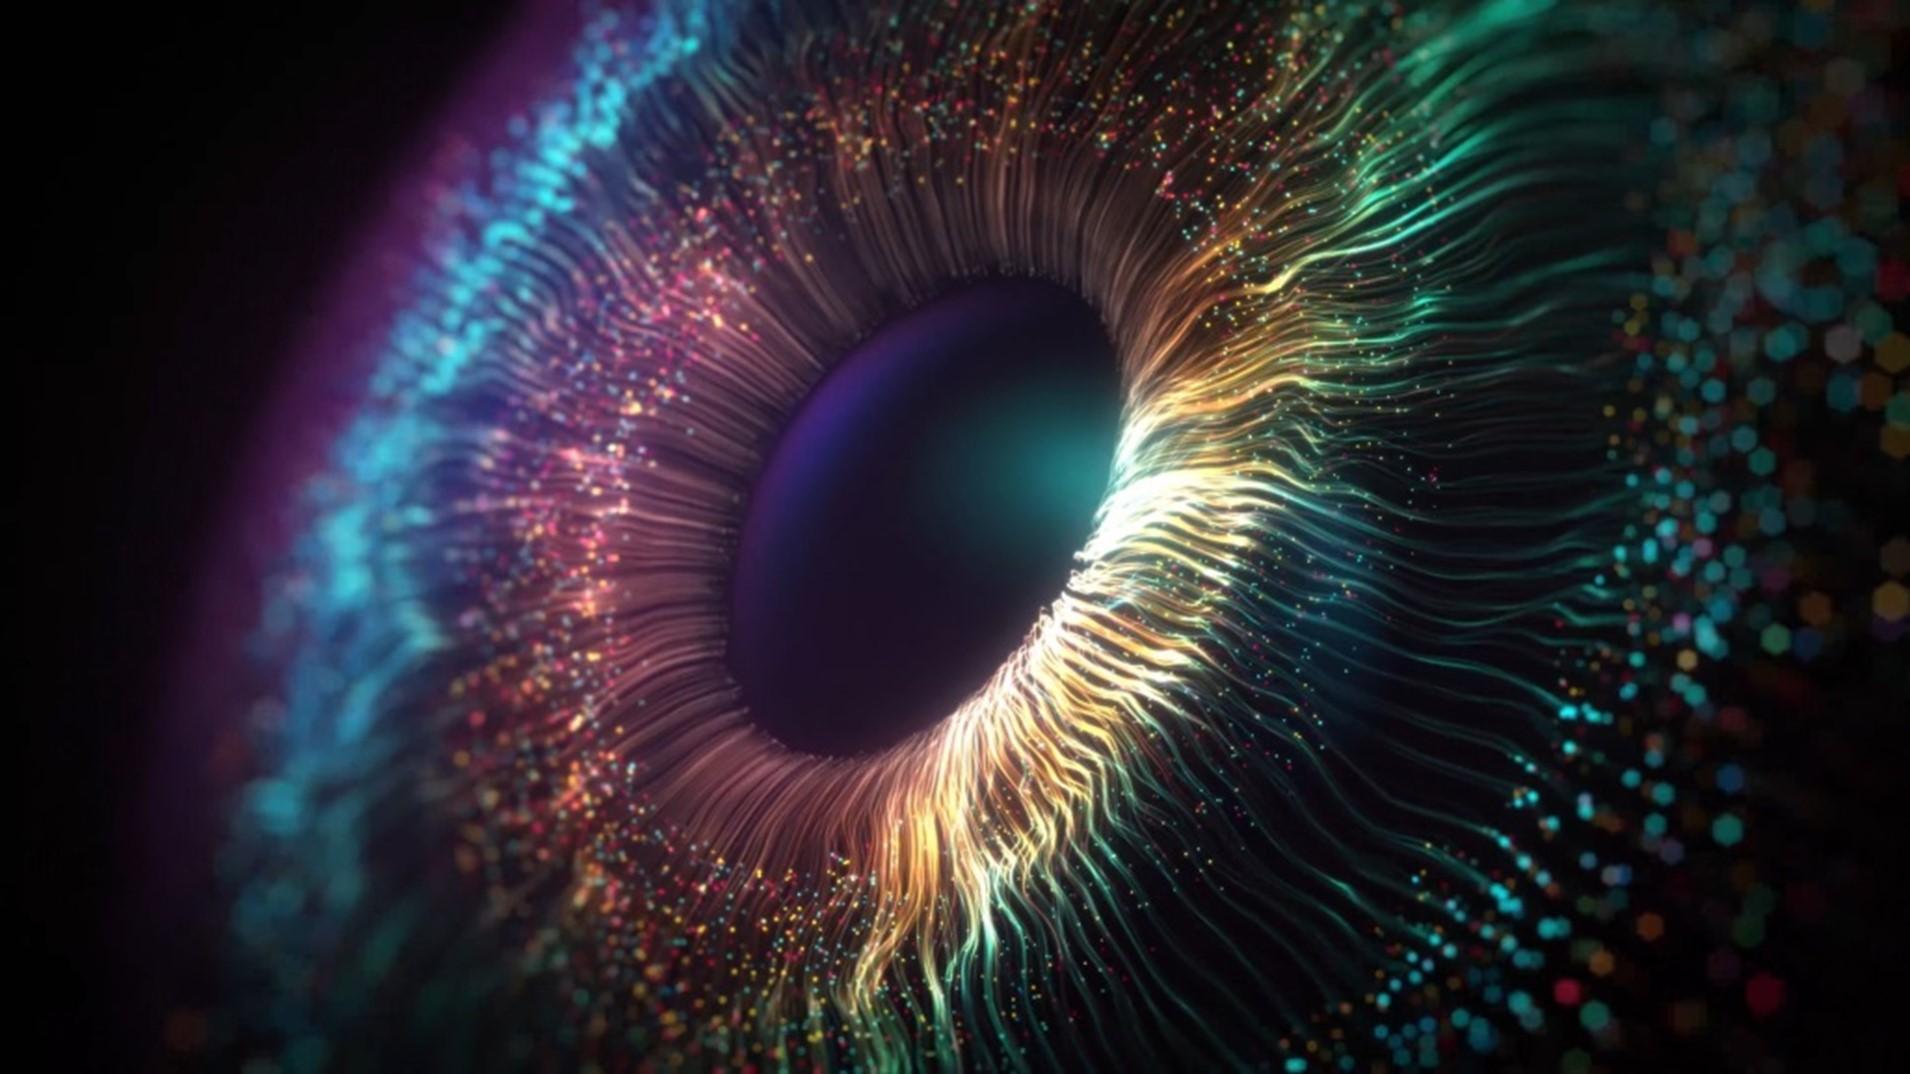 Оптогенетическая терапия Bionic Sight демонстрирует обещающие результаты лечения пигментного ретинита